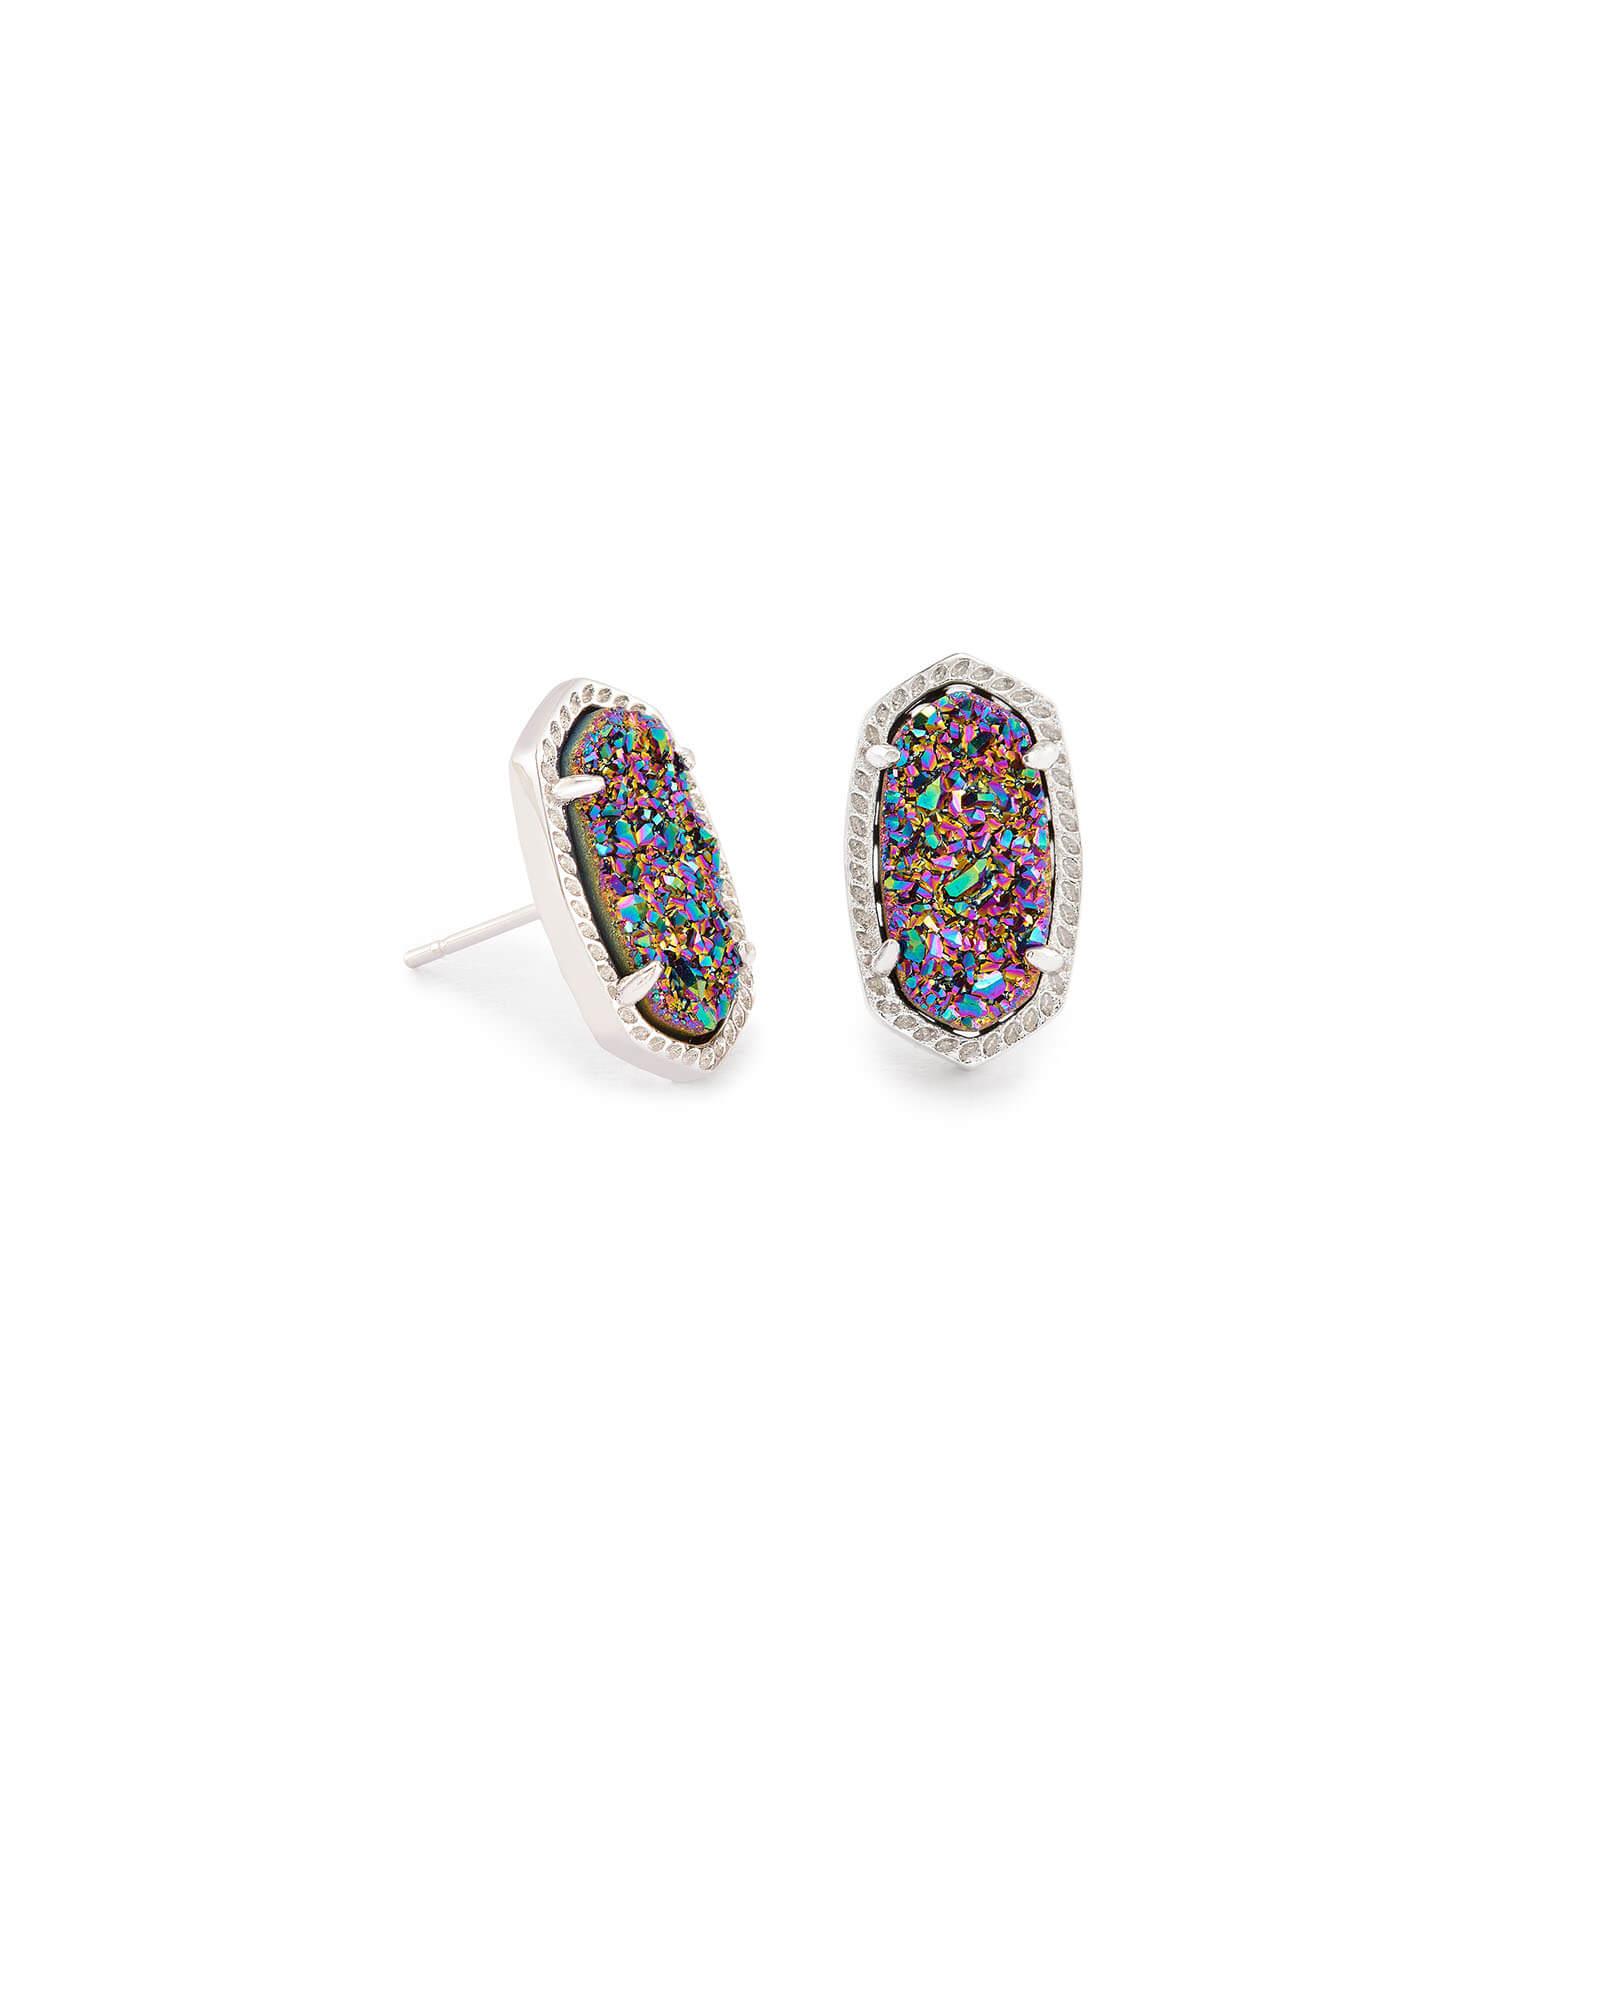 Images Ellie Silver Stud Earrings In Multicolor